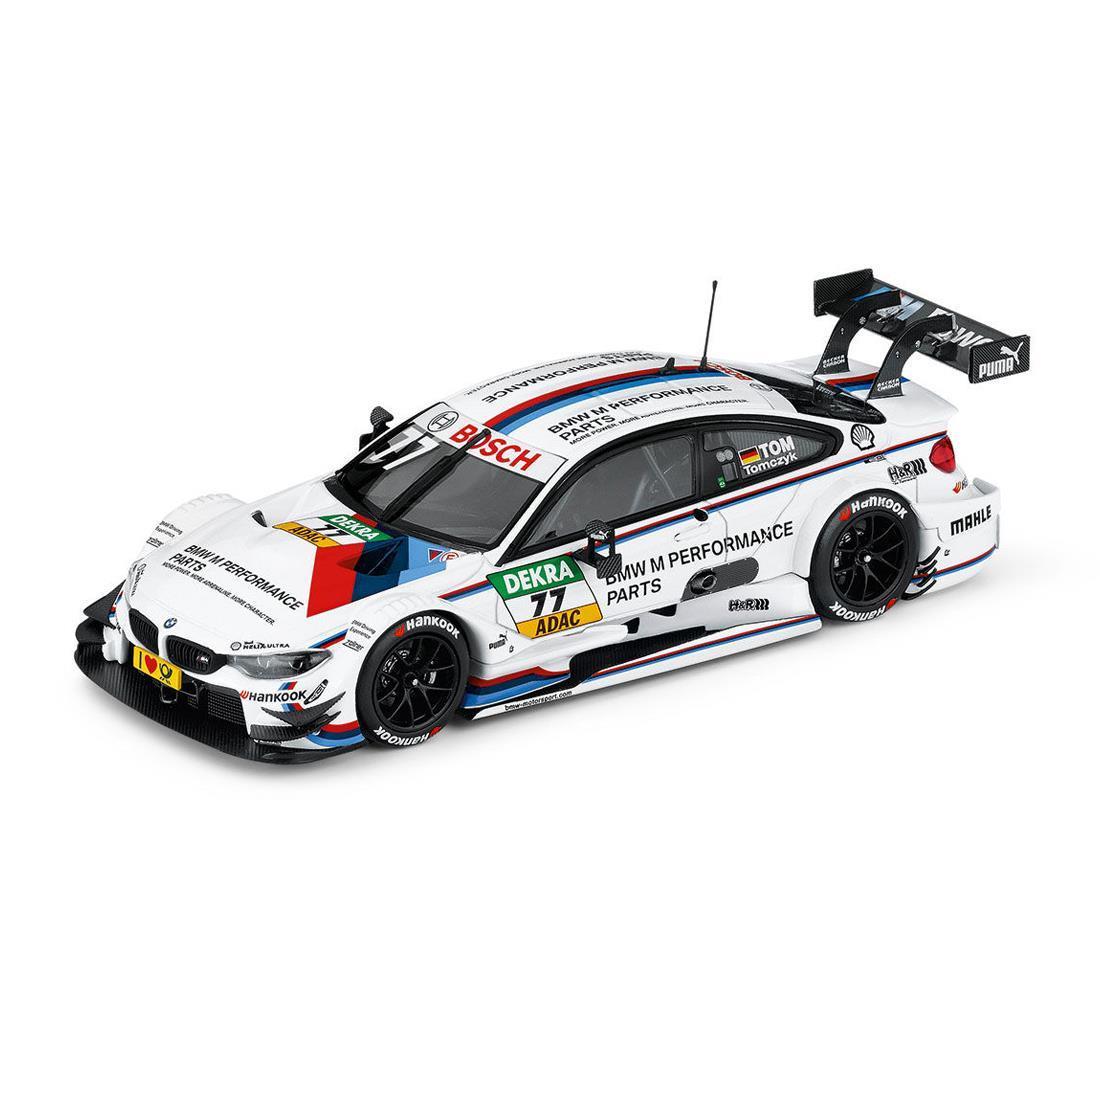 BMW miniature M4 DTM 2016 1:18 - DTM Team BMW M Performance